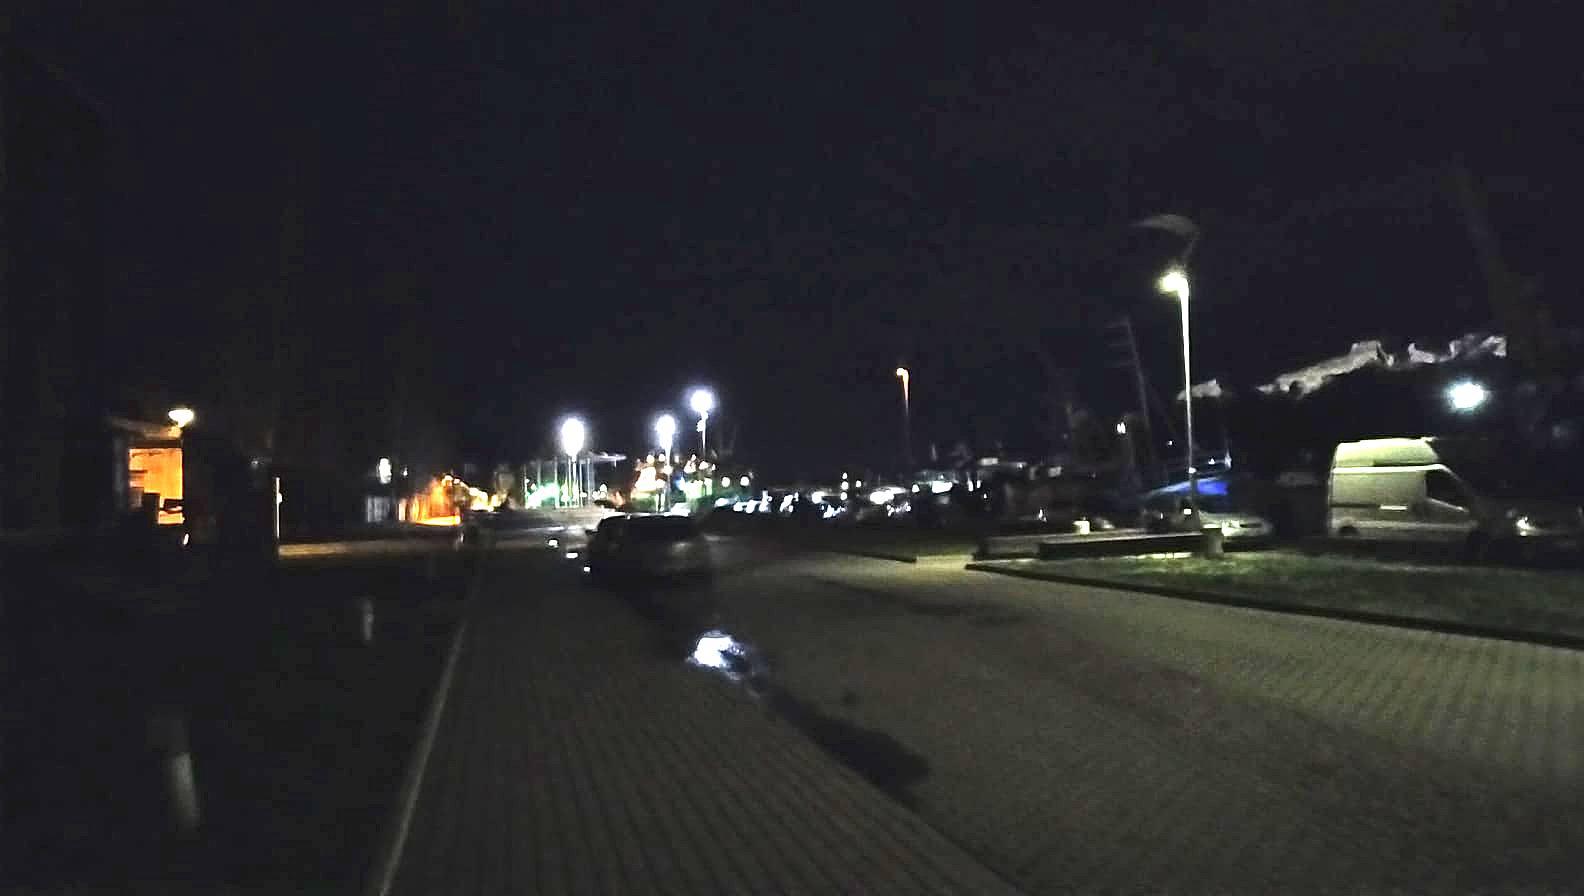 Liepājnieki sūdzas par apgaismojuma trūkumu promenādē